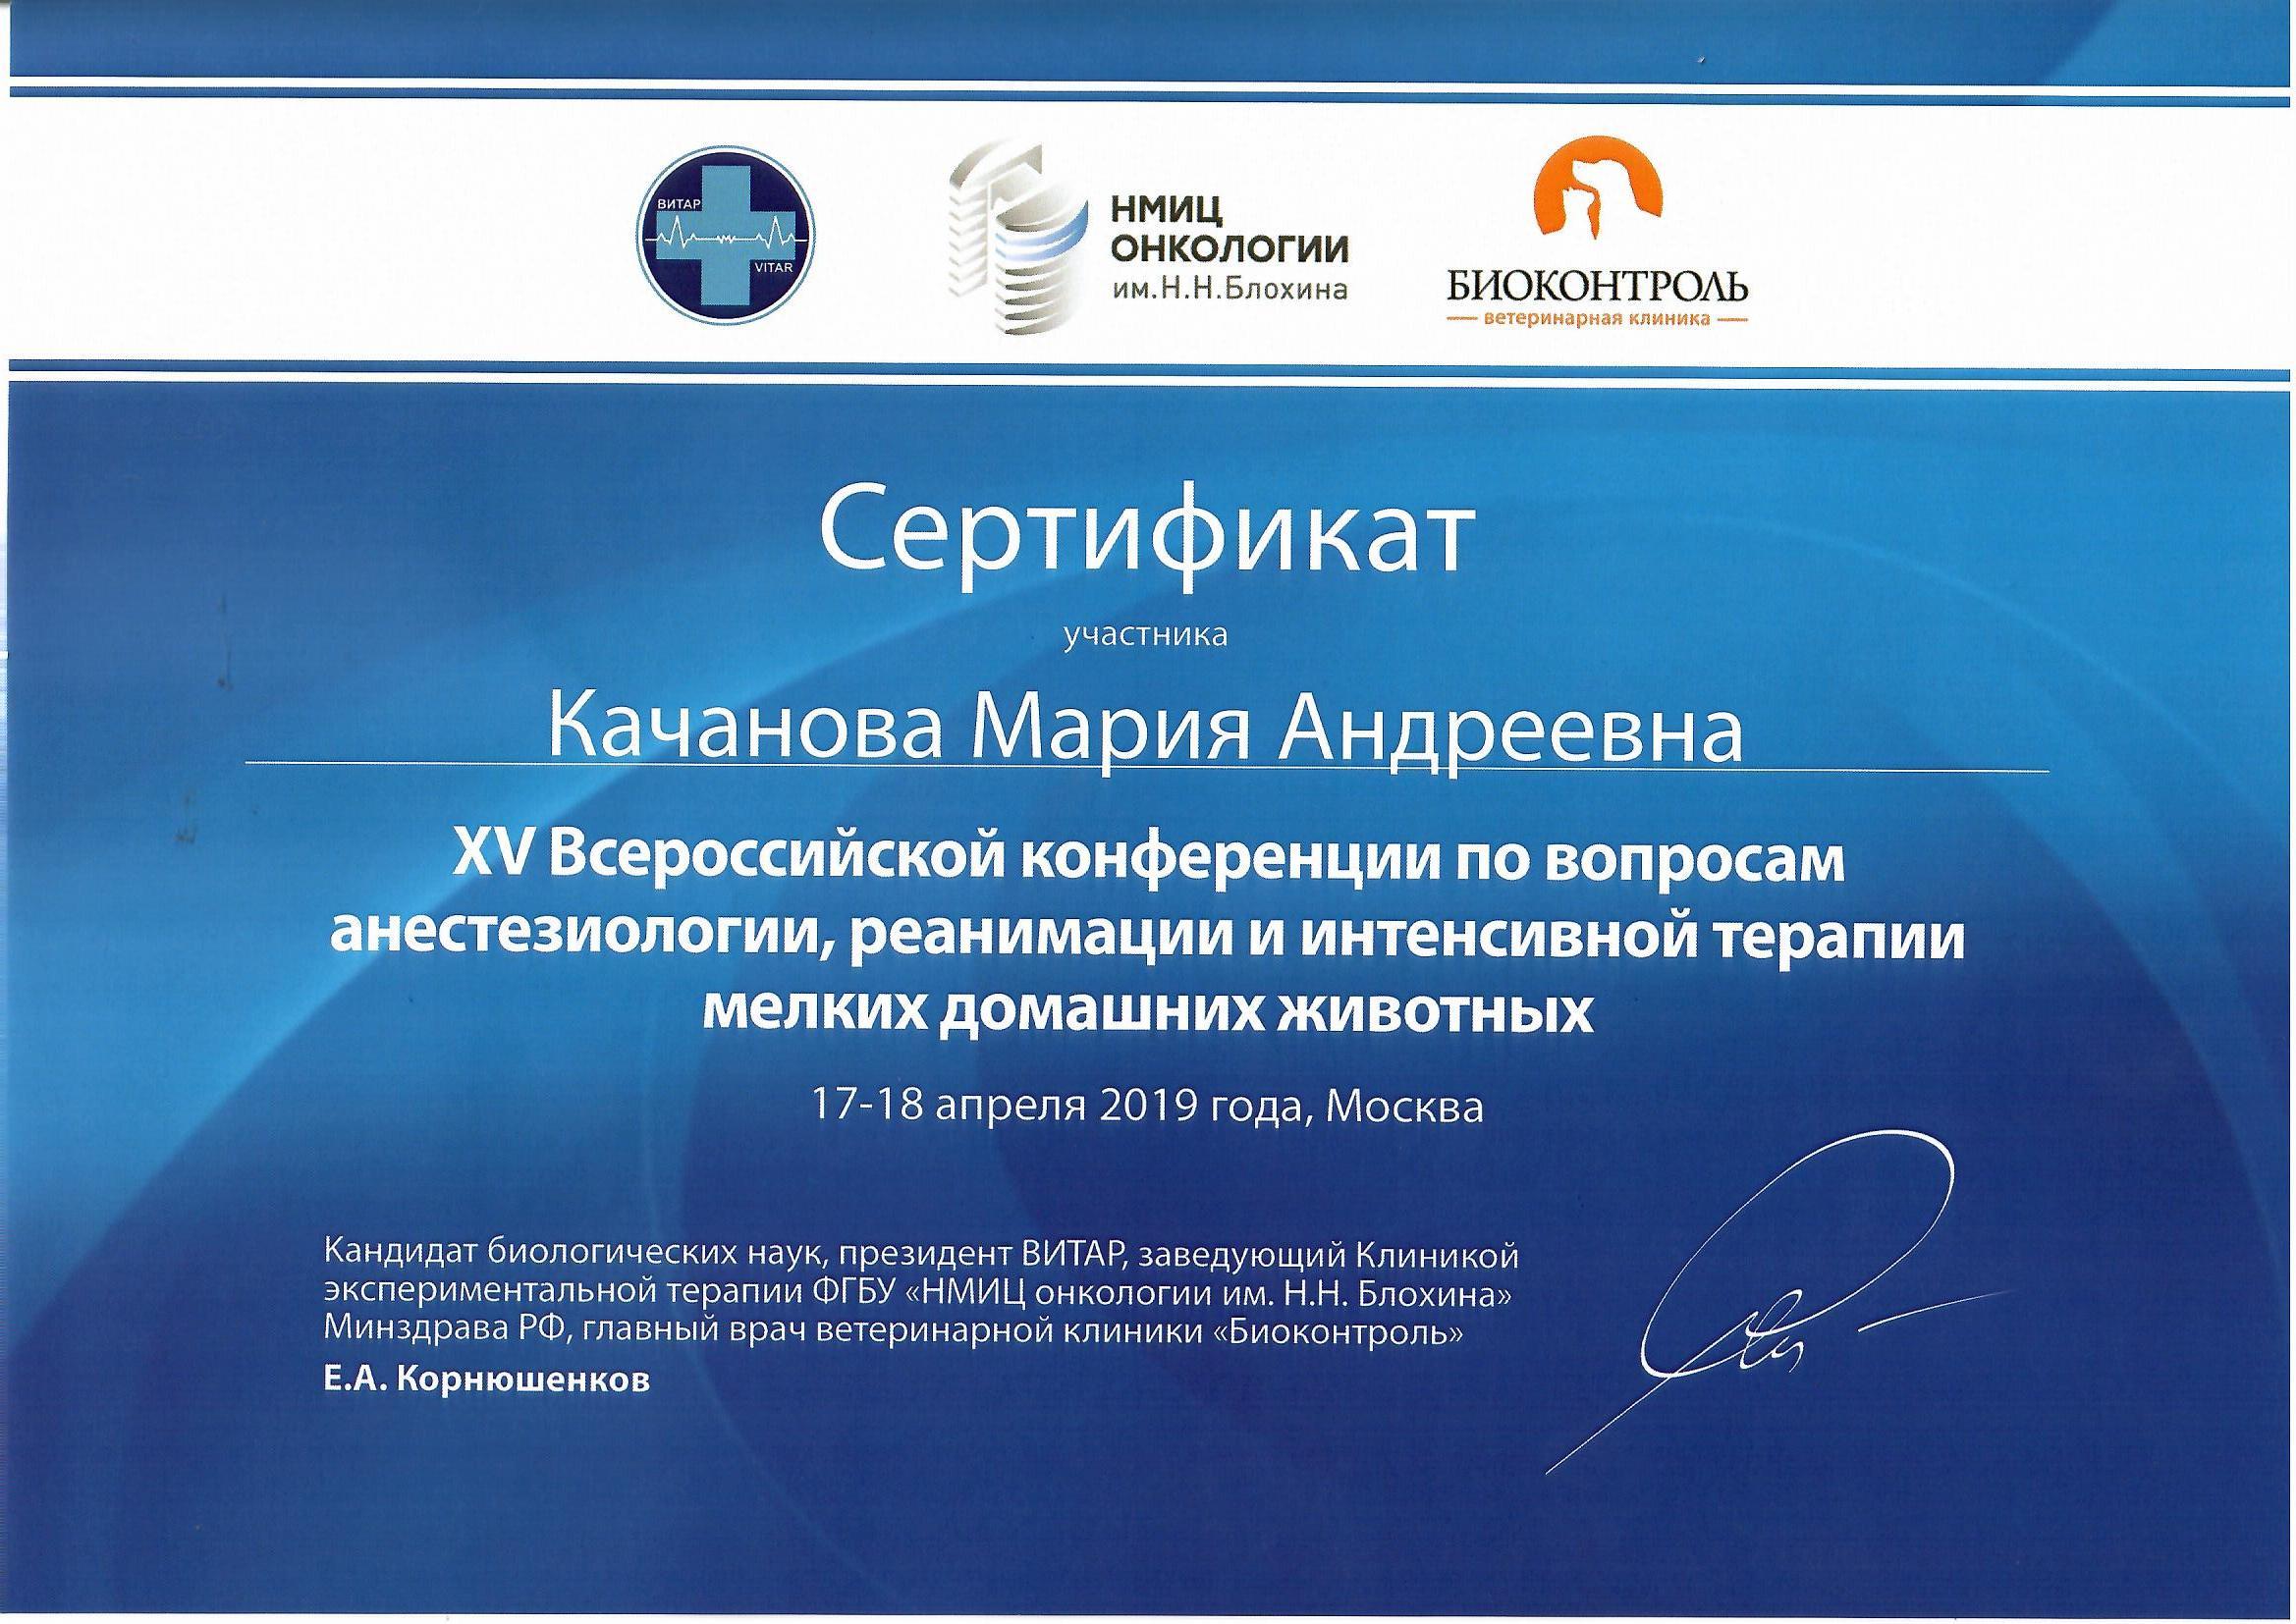 Сертификат 15 анестезилогическая конфере